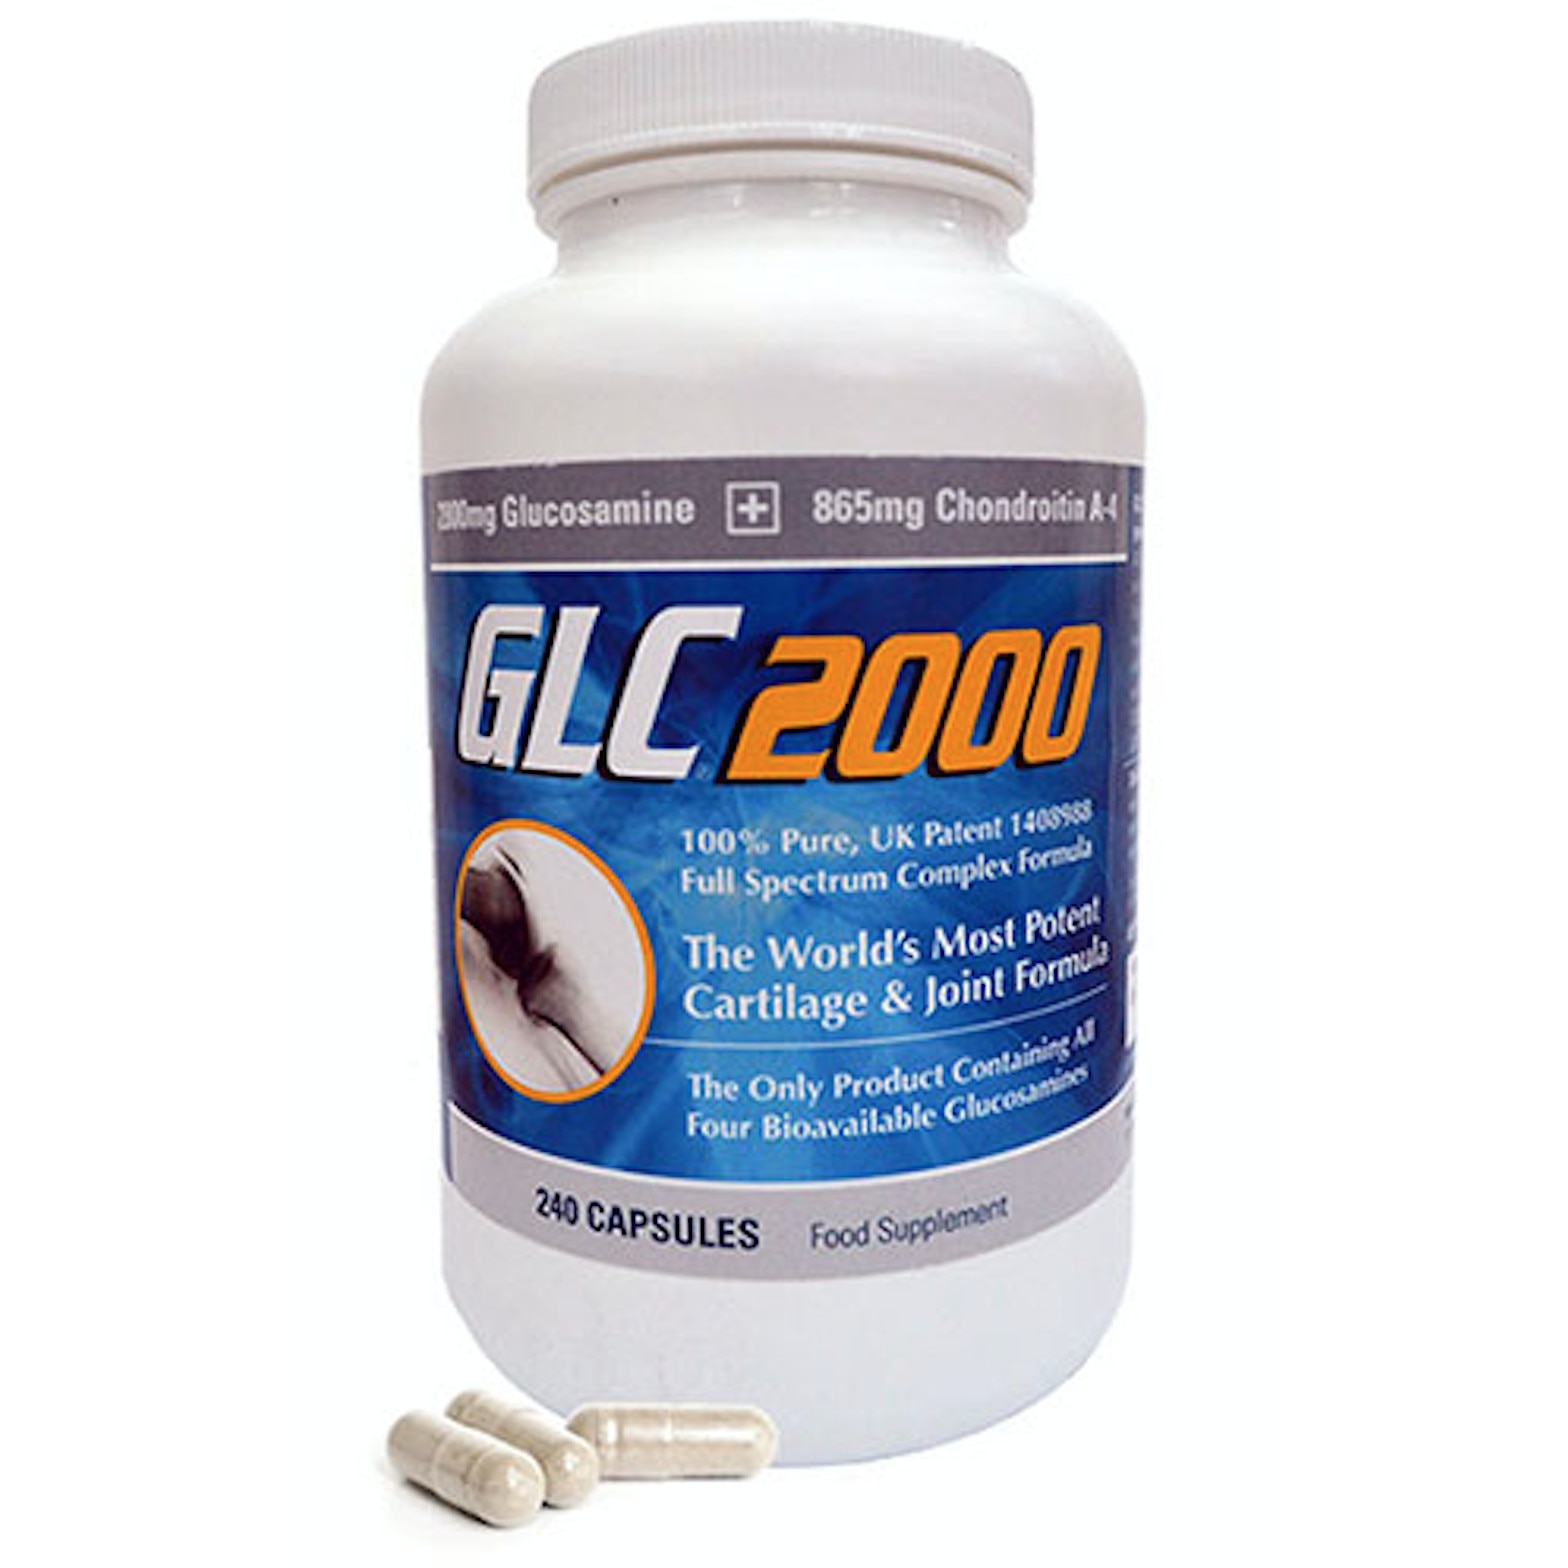 sisteme energetice recenzii de glucozamină și condroitină)